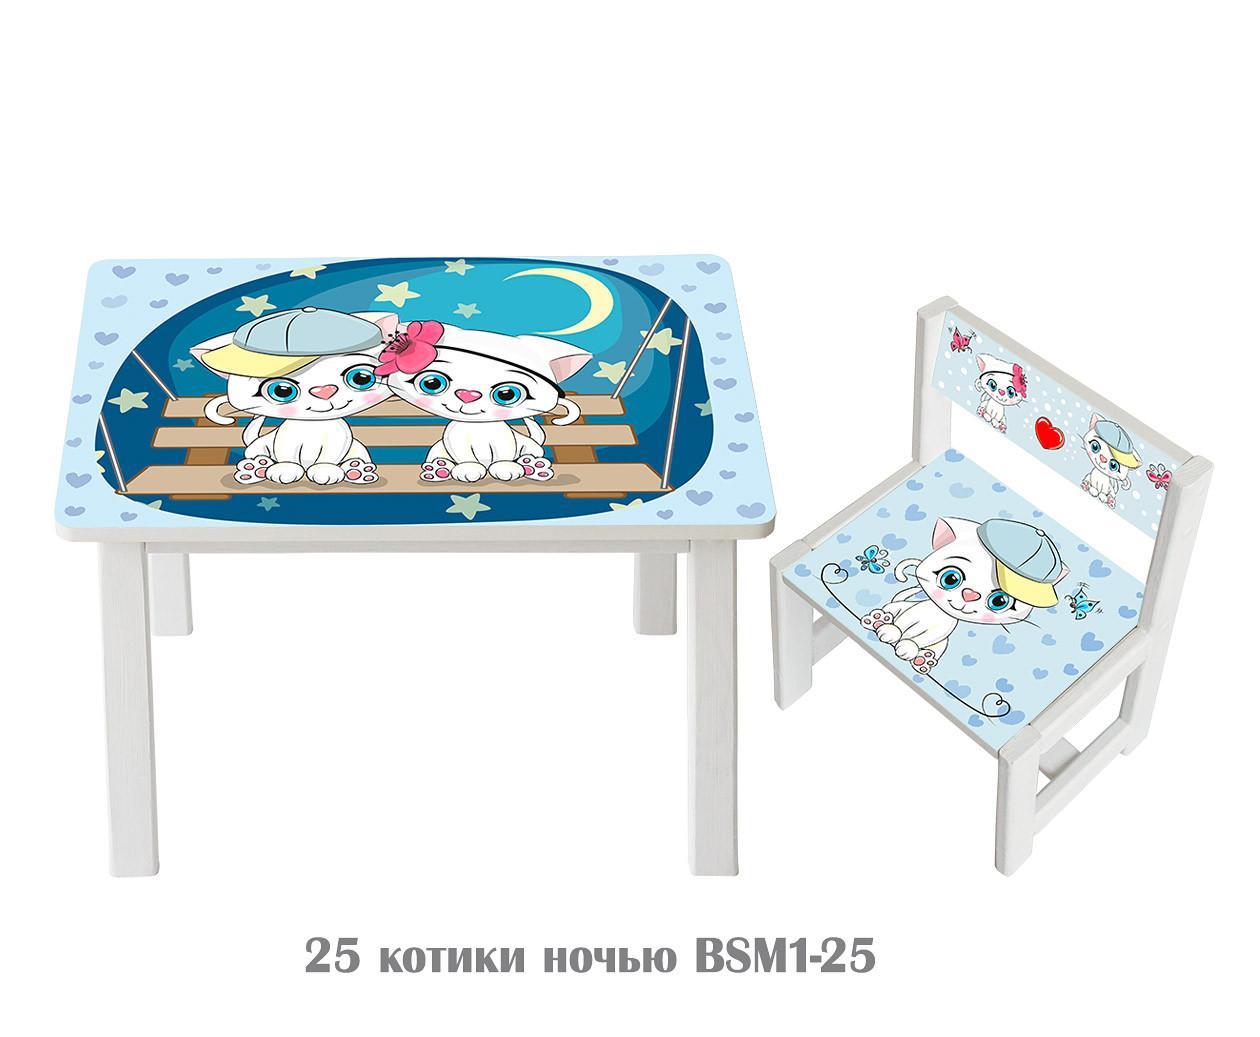 Дитячий стіл і укріплений стілець BSM1-25 Cats at night- Котики вночі